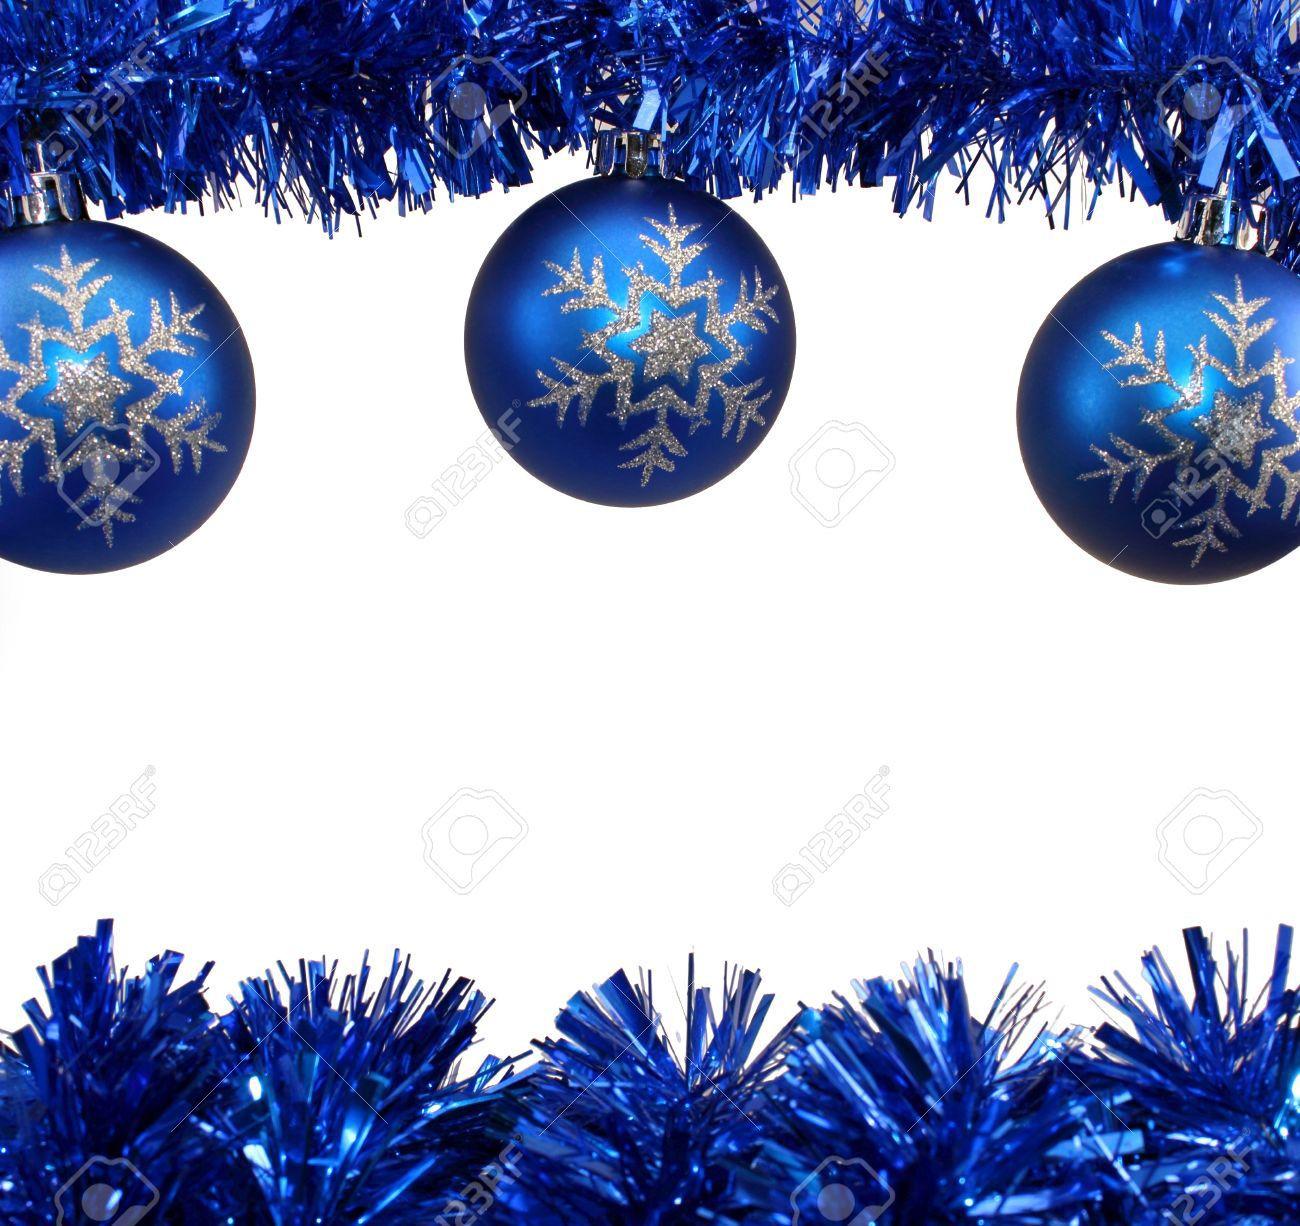 19 Unique Blue Christmas Decorations Blue Christmas Decor Blue Christmas Christmas Decorations